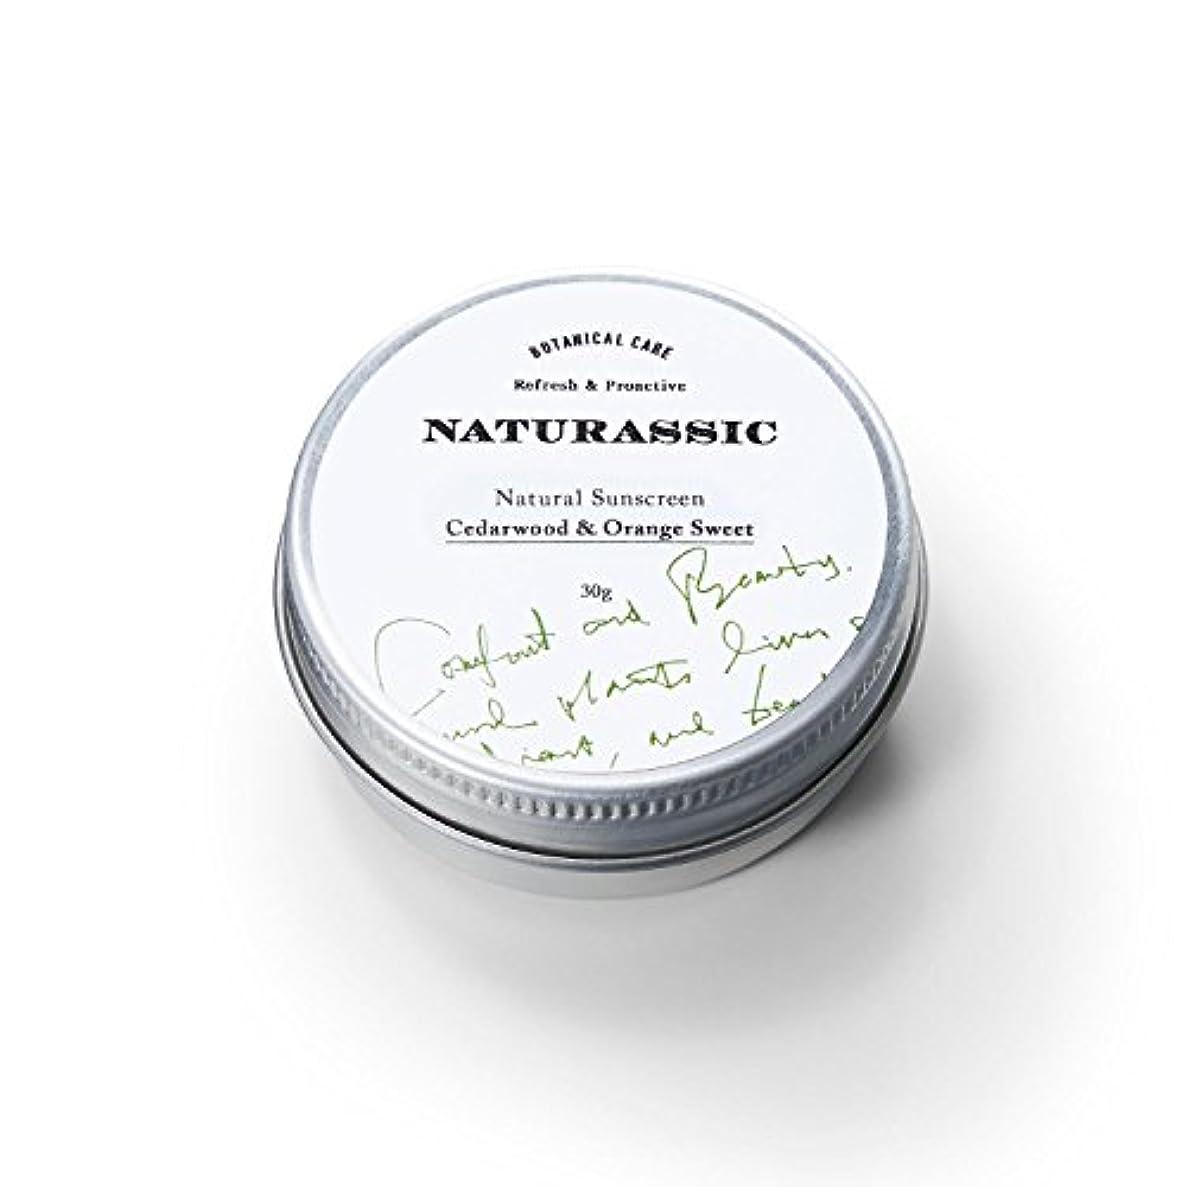 囲まれたまとめる導体ナチュラシック ナチュラルサンスクリーンCO シダーウッド&オレンジスイートの香り 30g [天然由来成分100%]